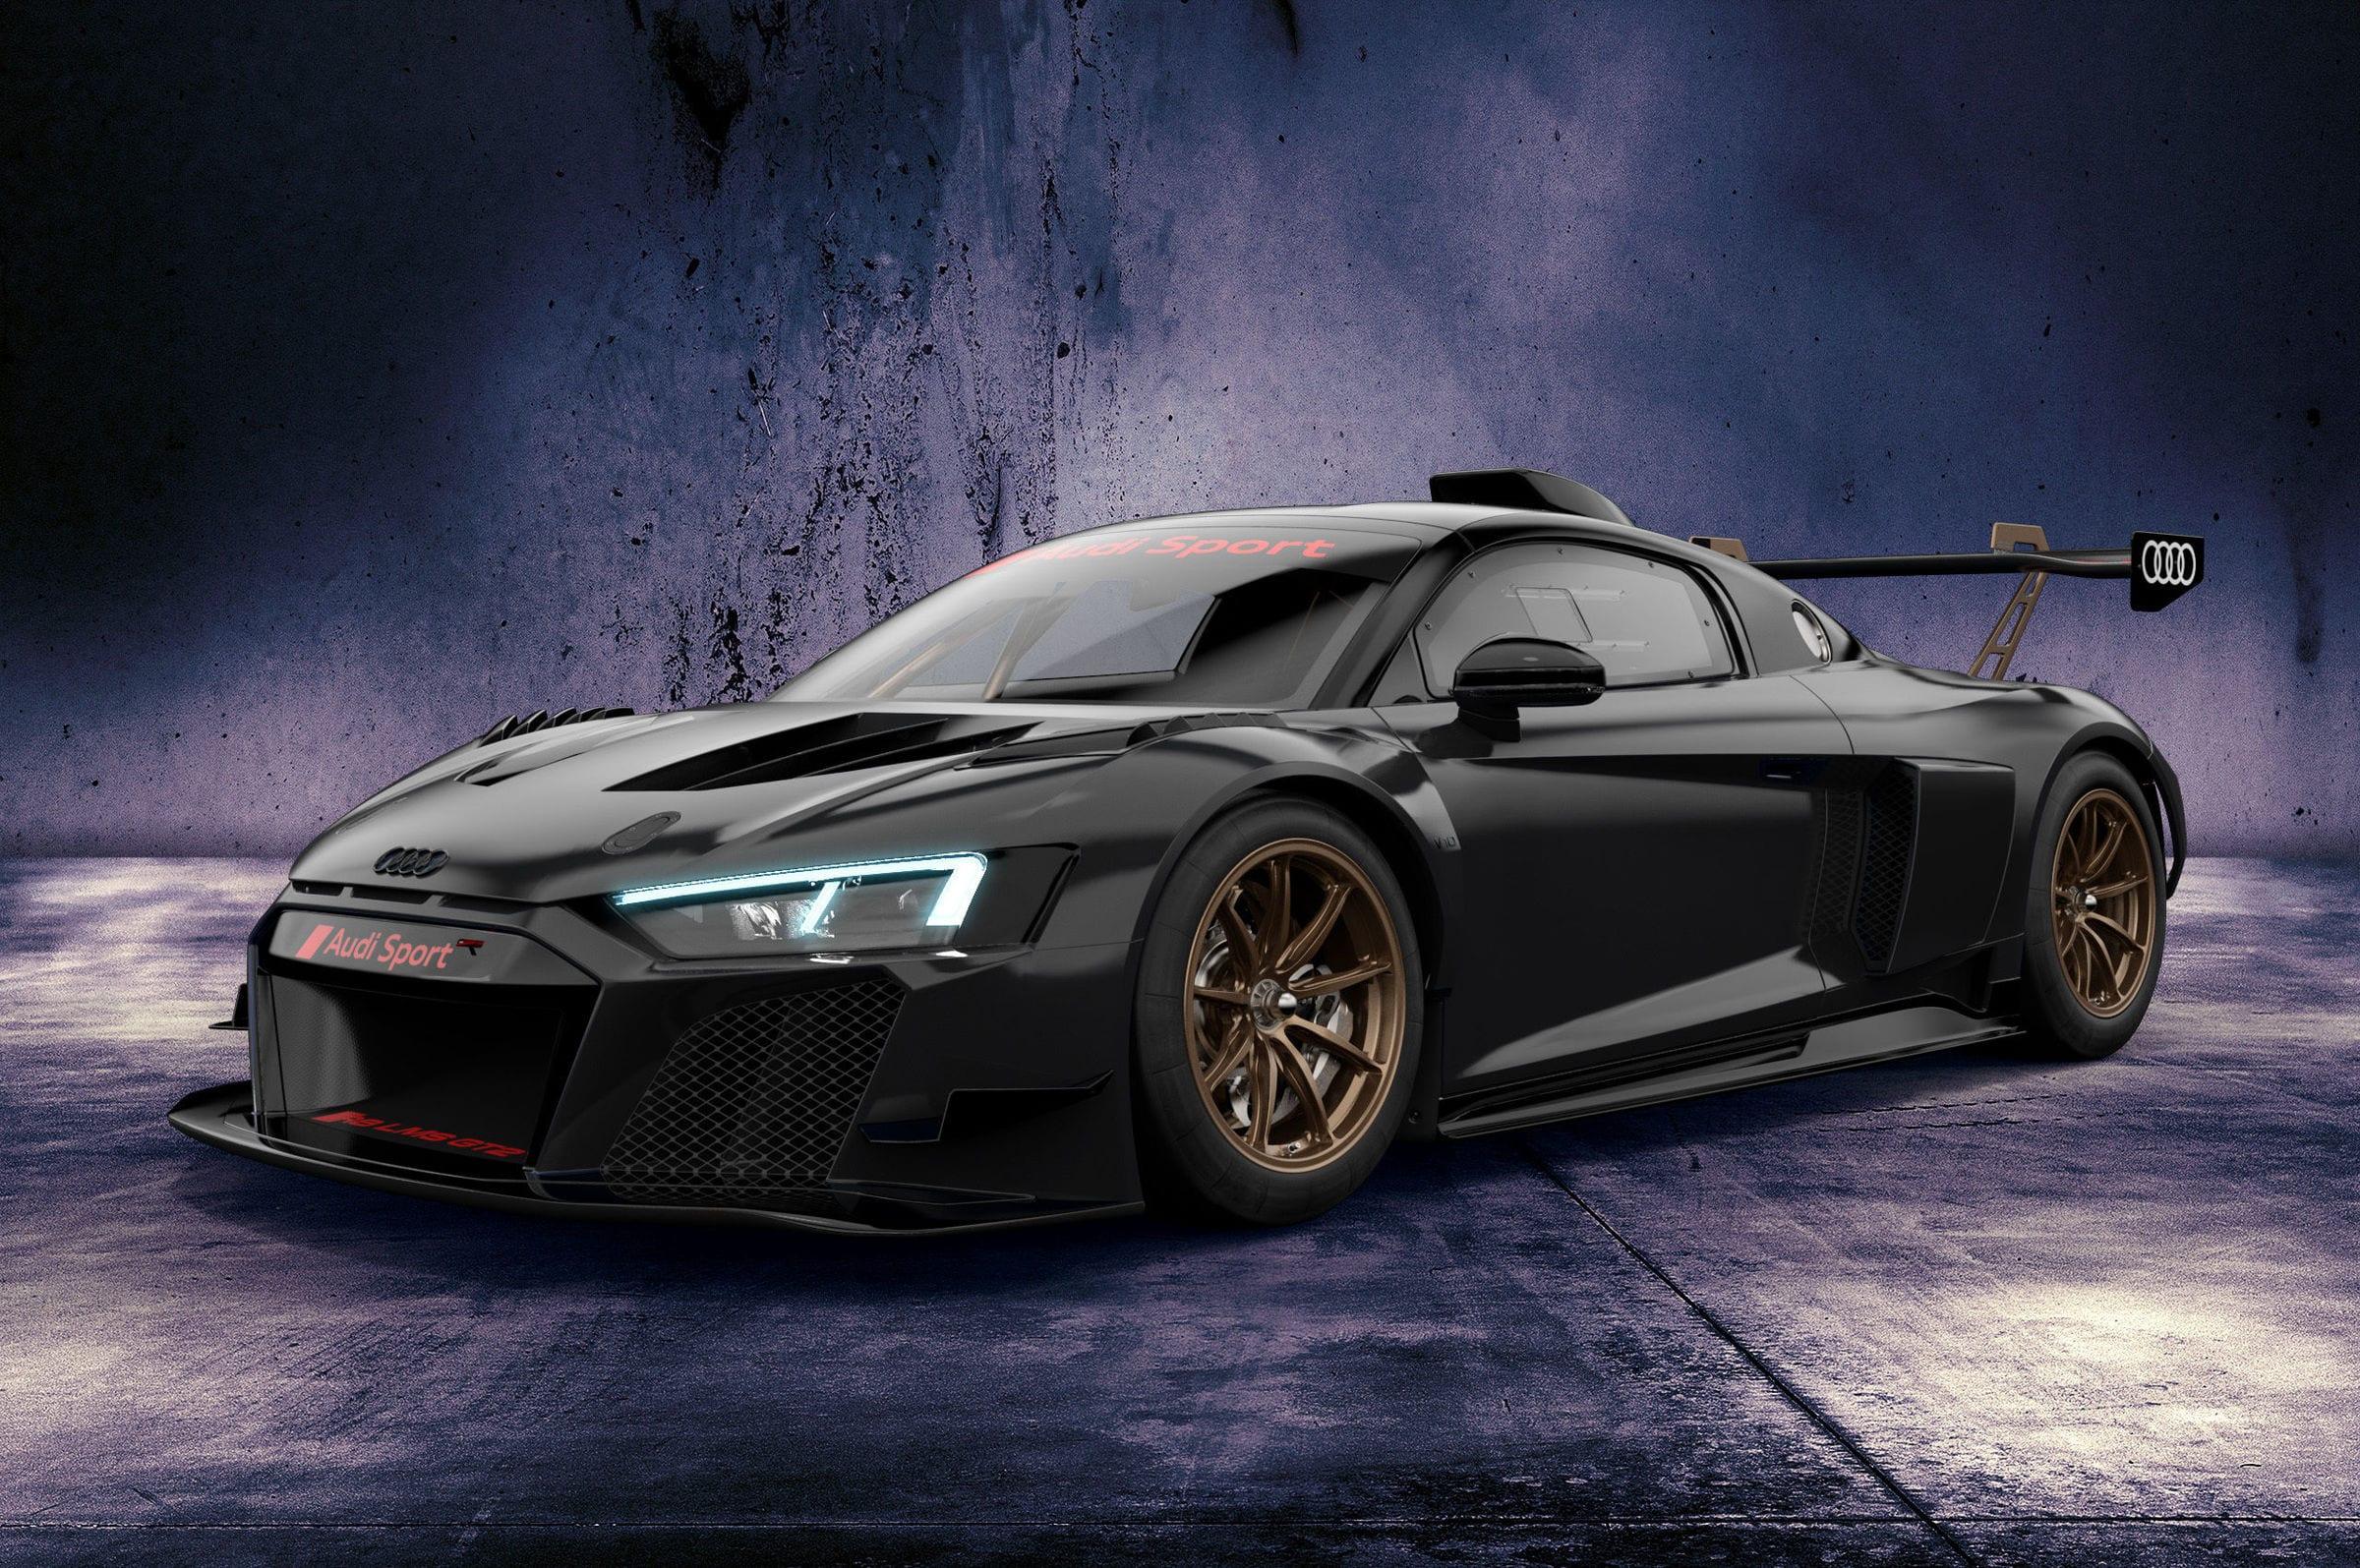 Audi R8 LMS GT2 Sebring black